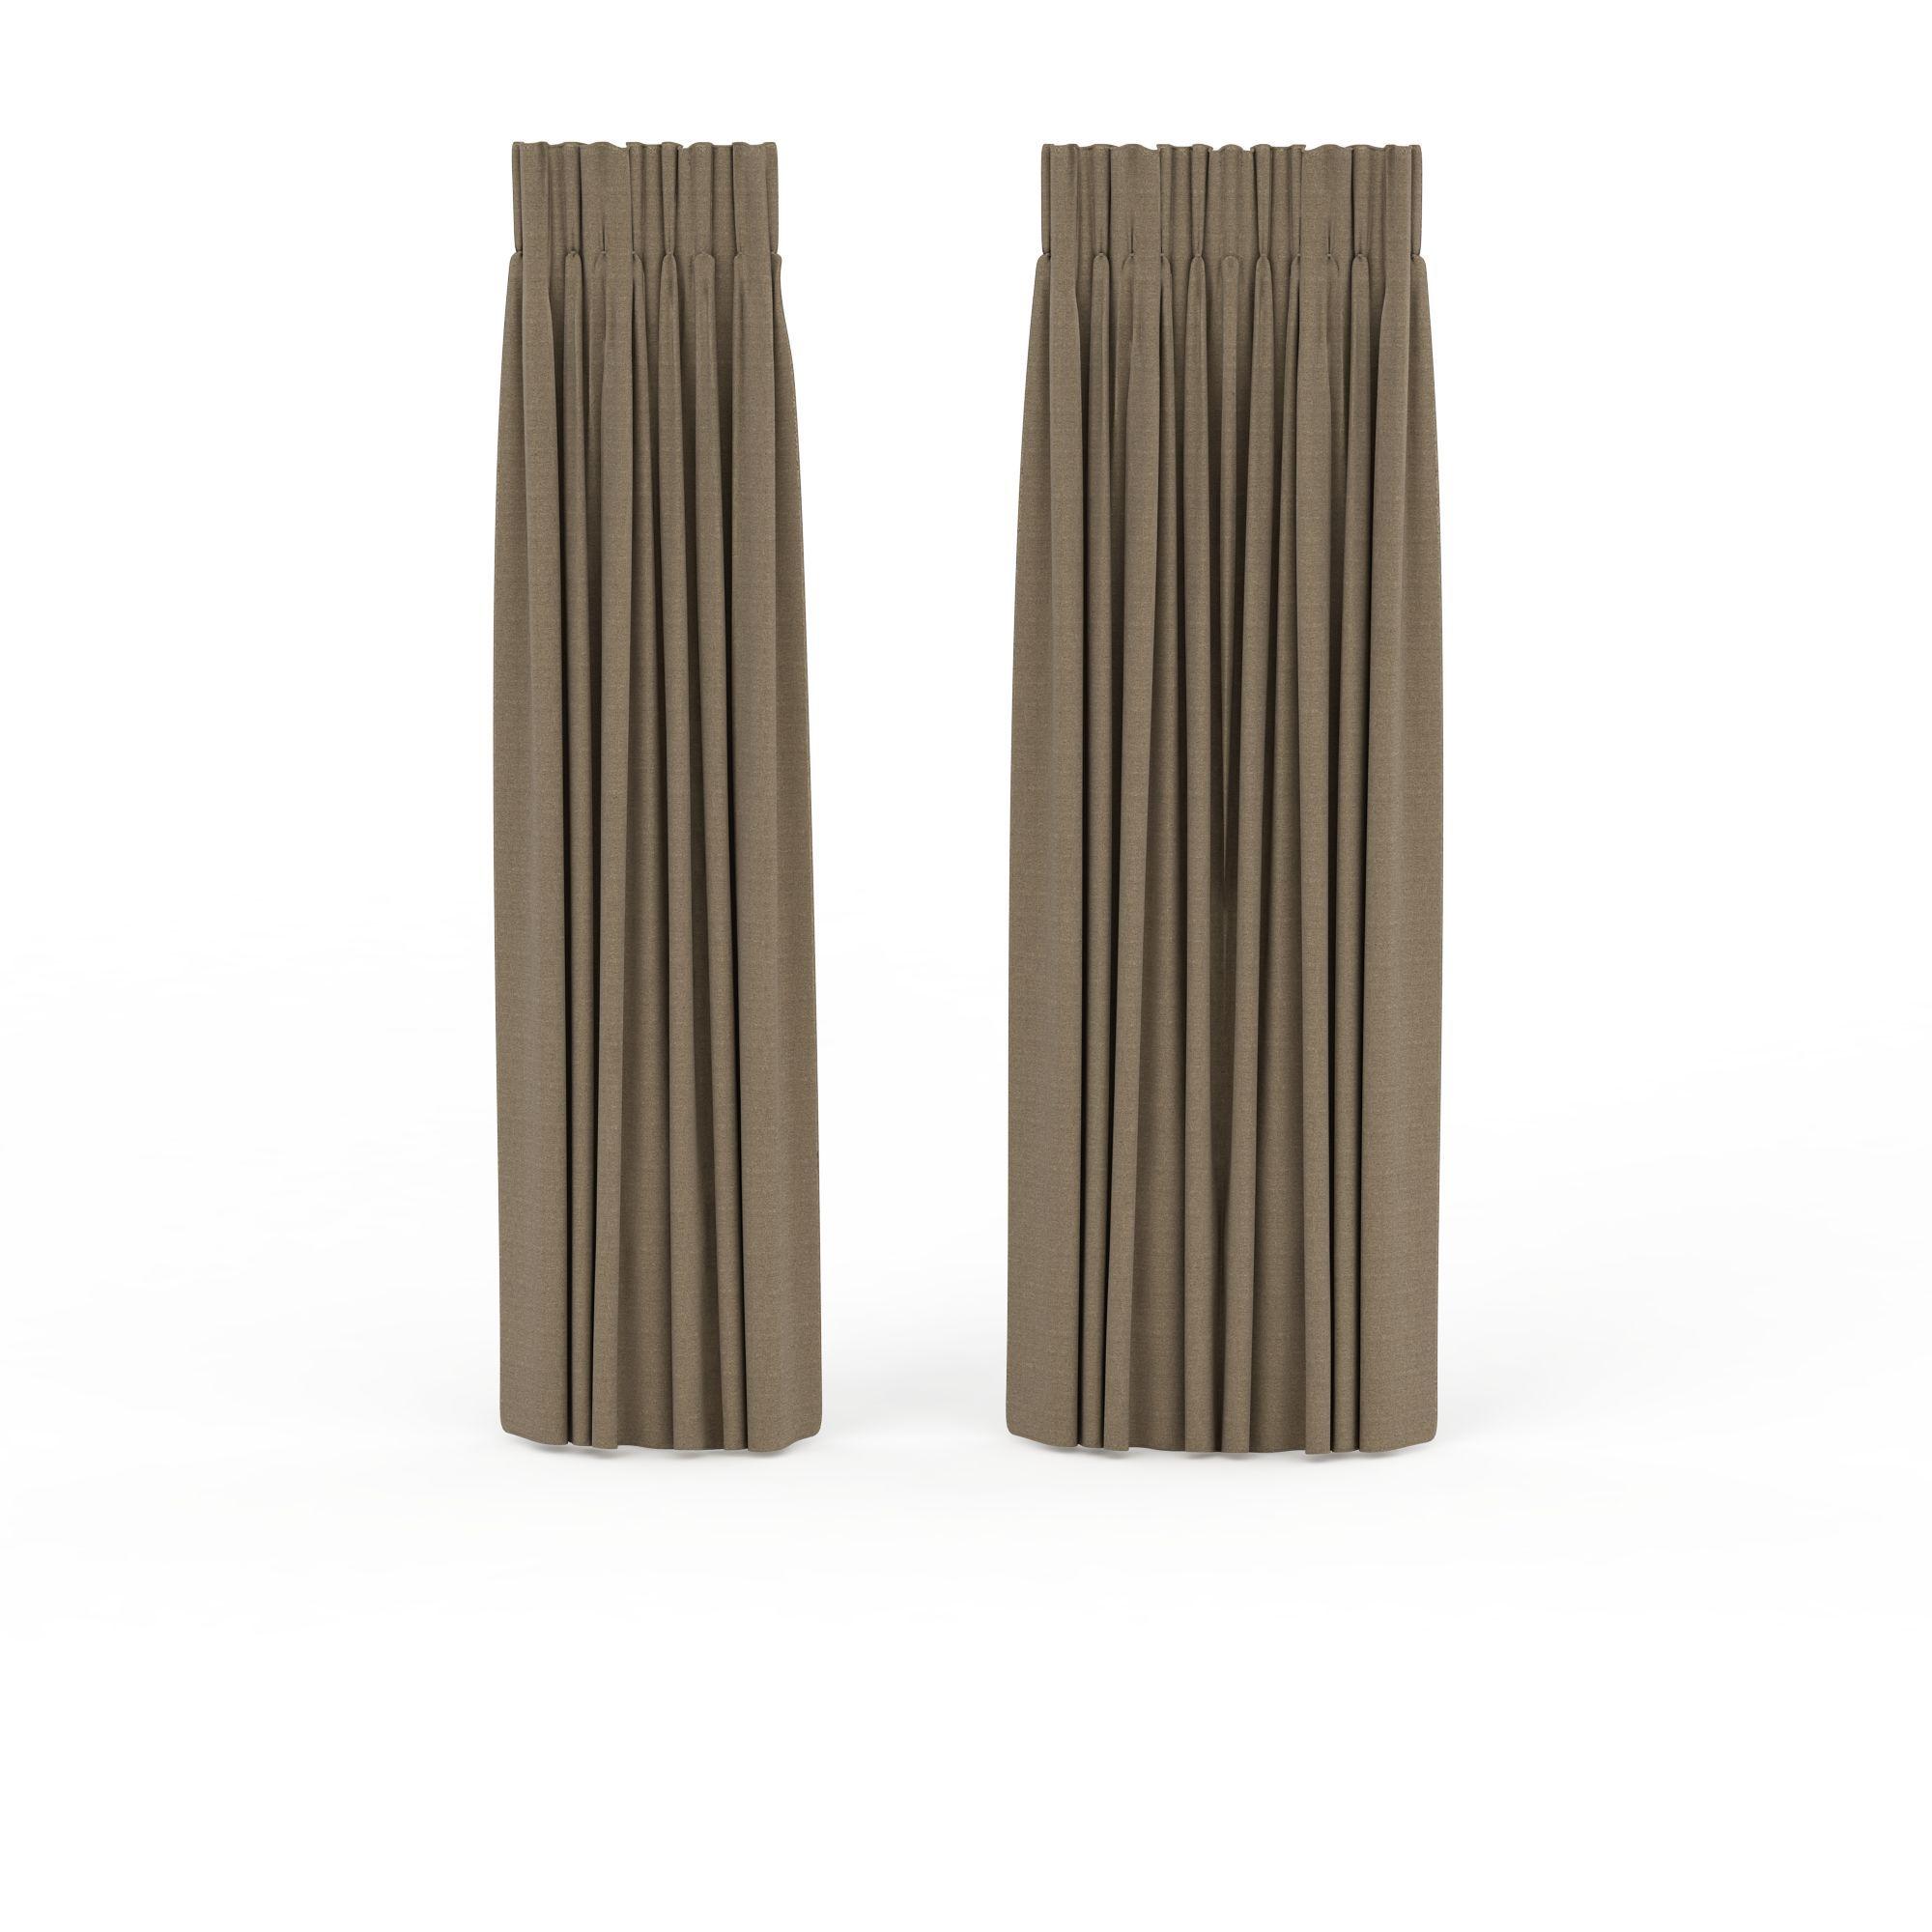 家具组合 窗帘 现代简约窗帘3d模型 现代简约窗帘png高清图